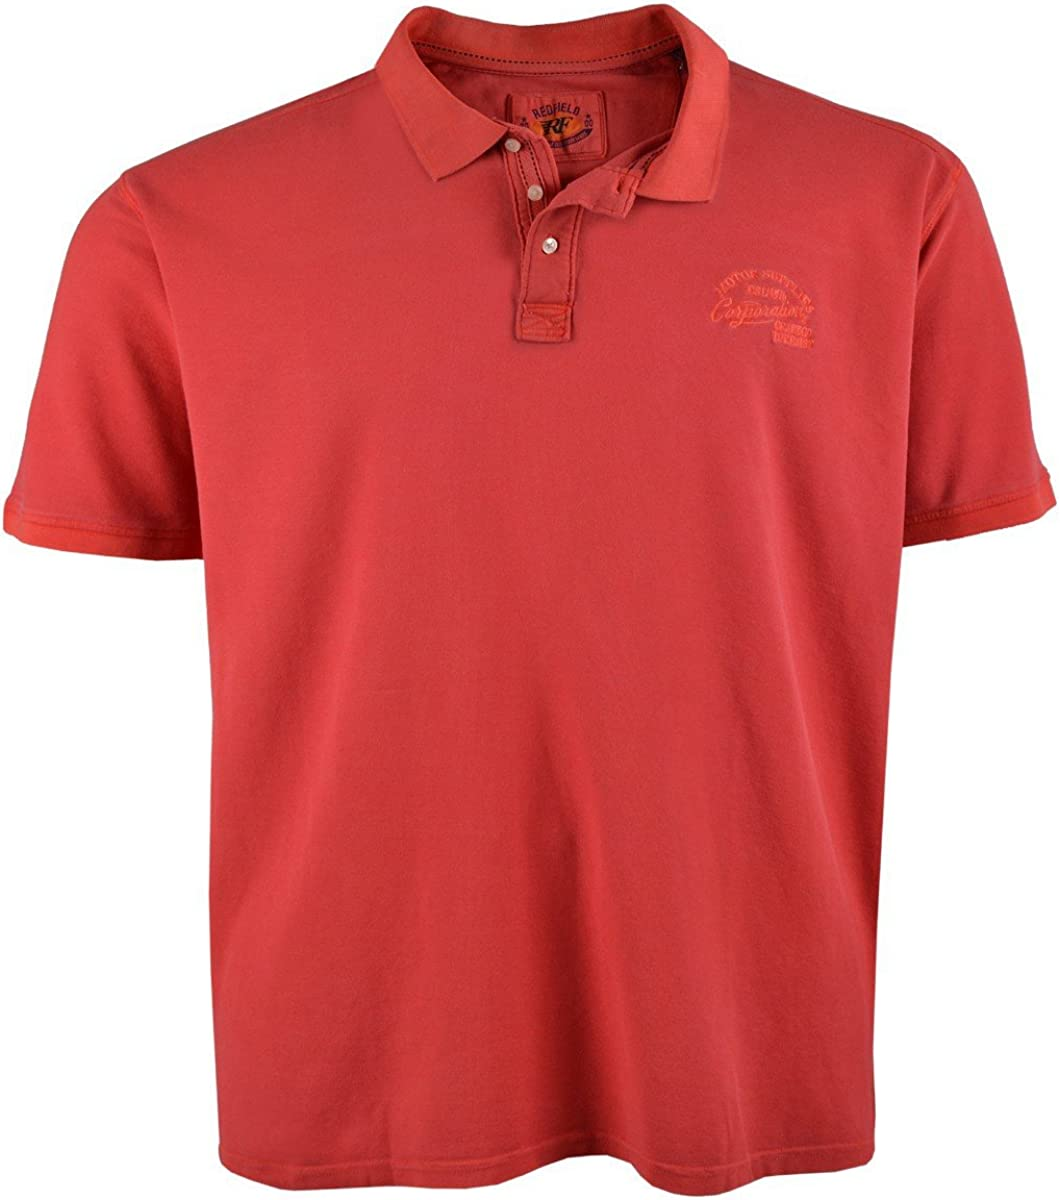 Redfield XXL Polo rojo-naranja, 2xl-8xl:6xl: Amazon.es: Ropa y ...